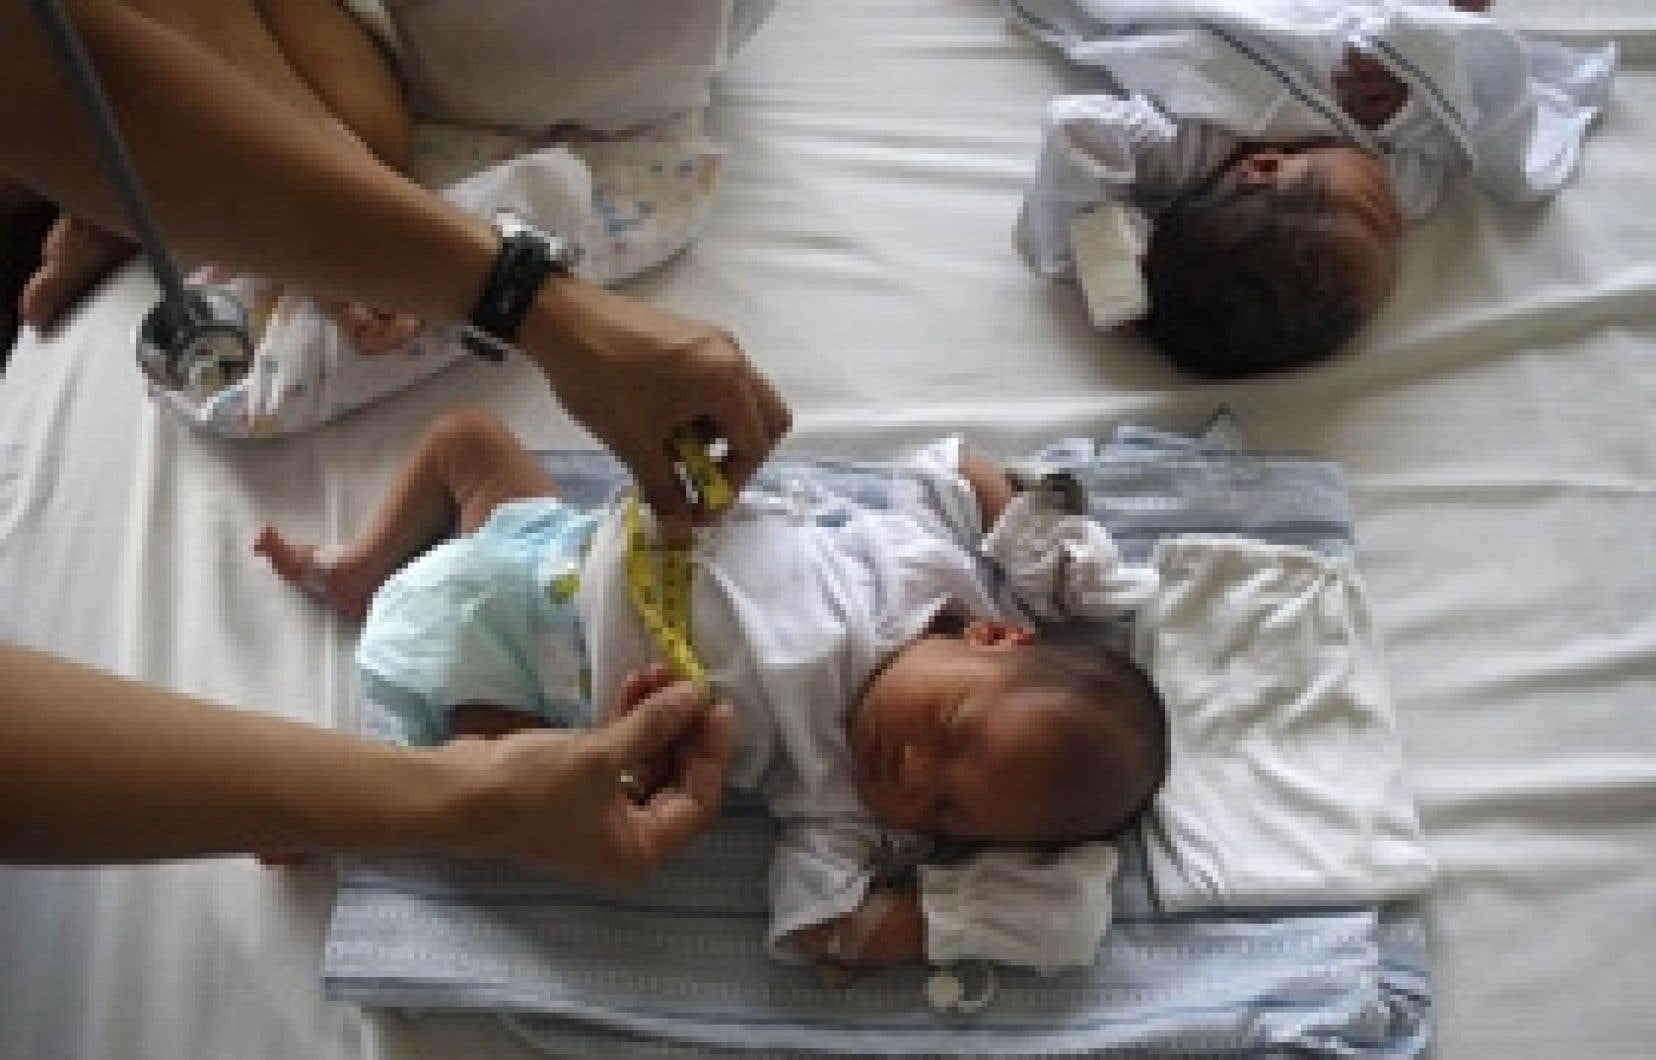 Au Canada, le quart des naissances survenues à l'hôpital en 2004-05 ont nécessité une césarienne.